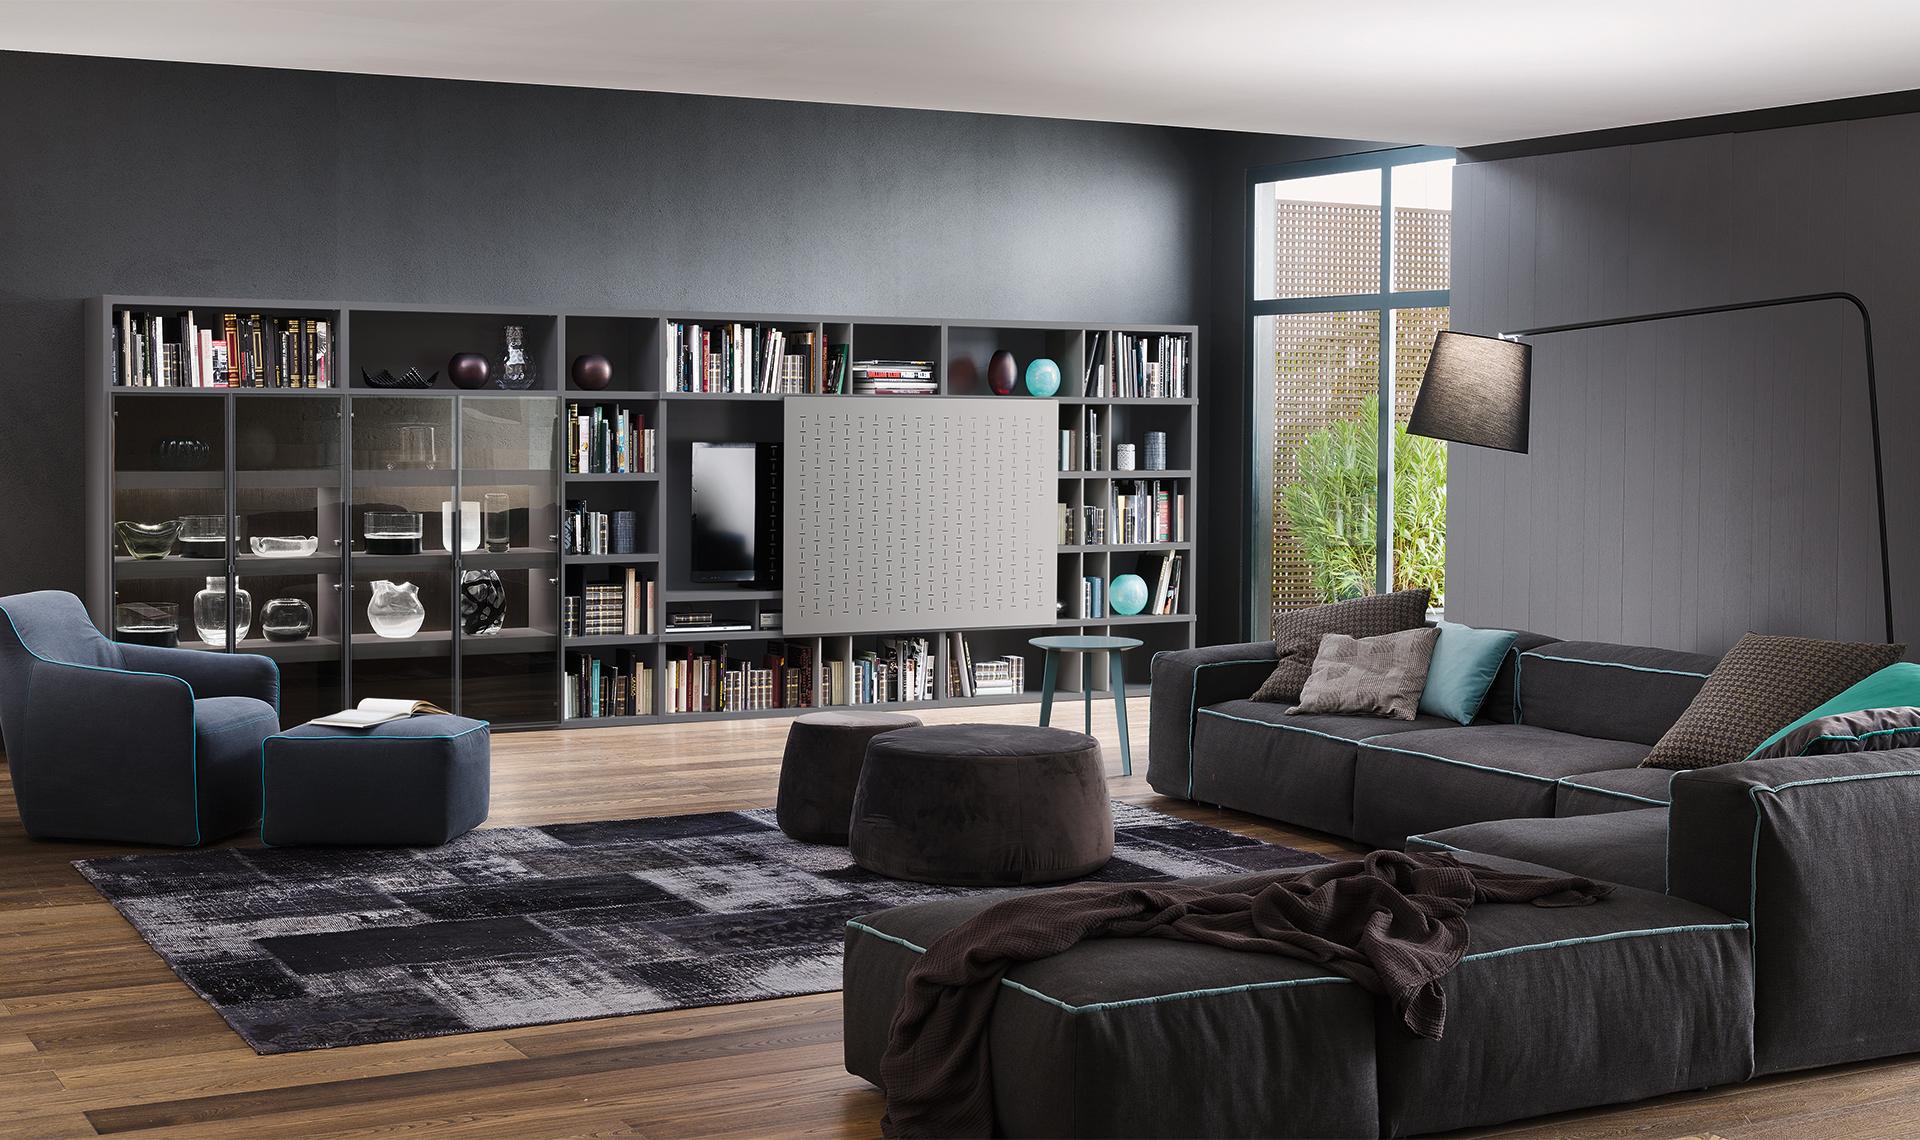 Alcune idee per il tuo living linea due arredamenti blog for Linea casa arredamenti